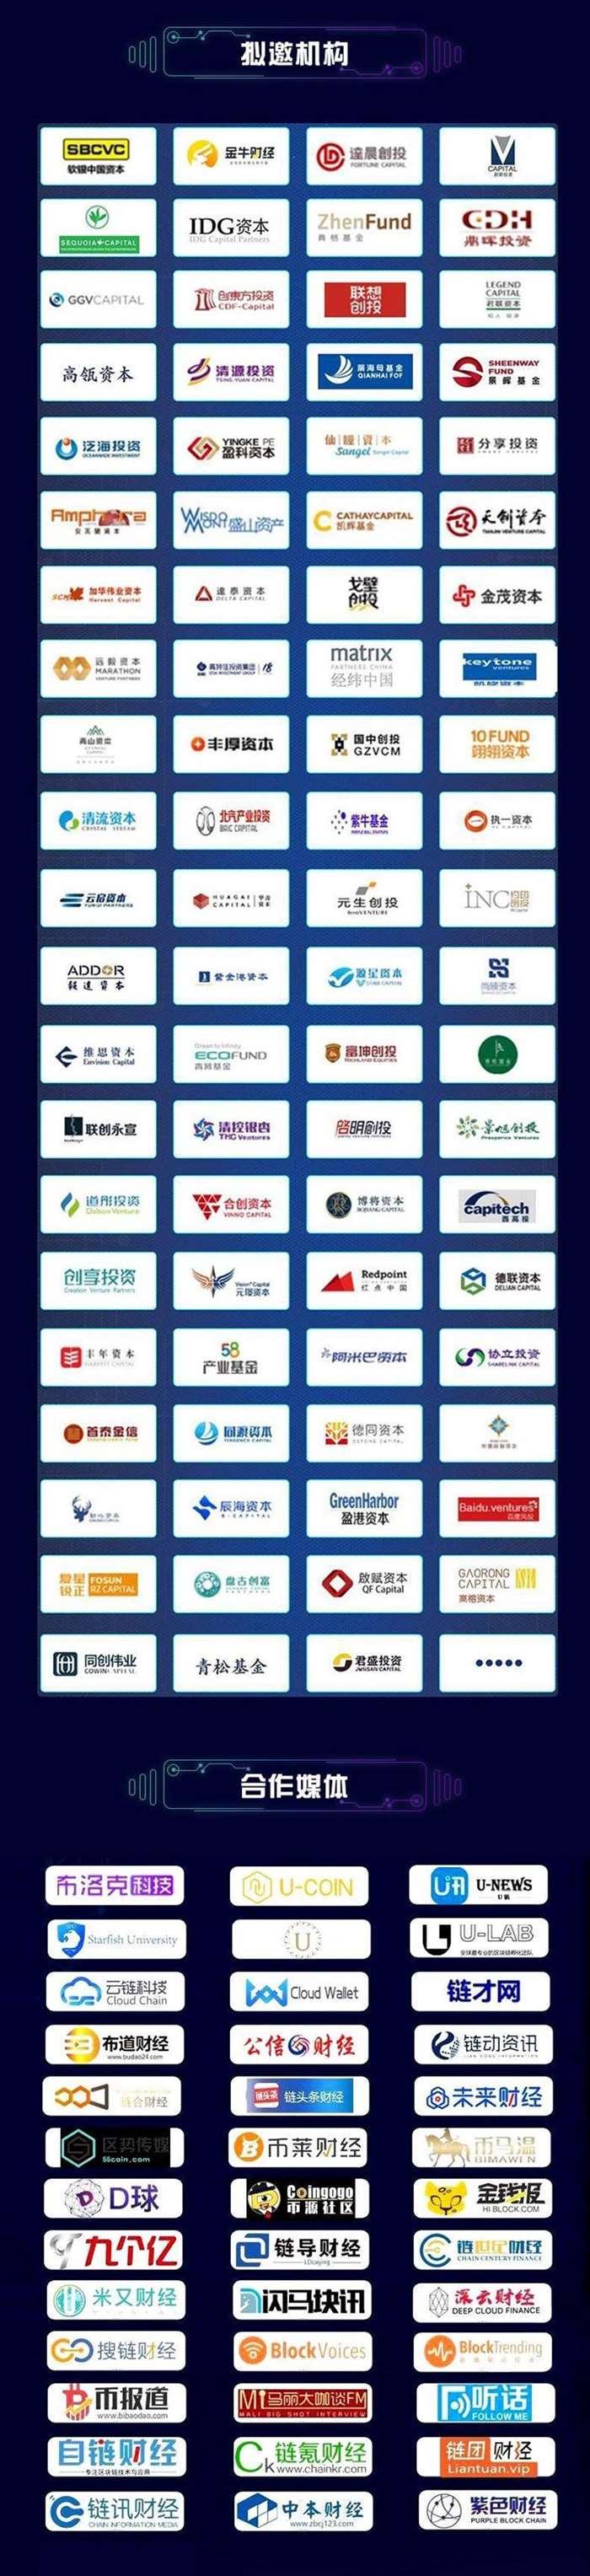 华南区块链社群联盟_09.jpg